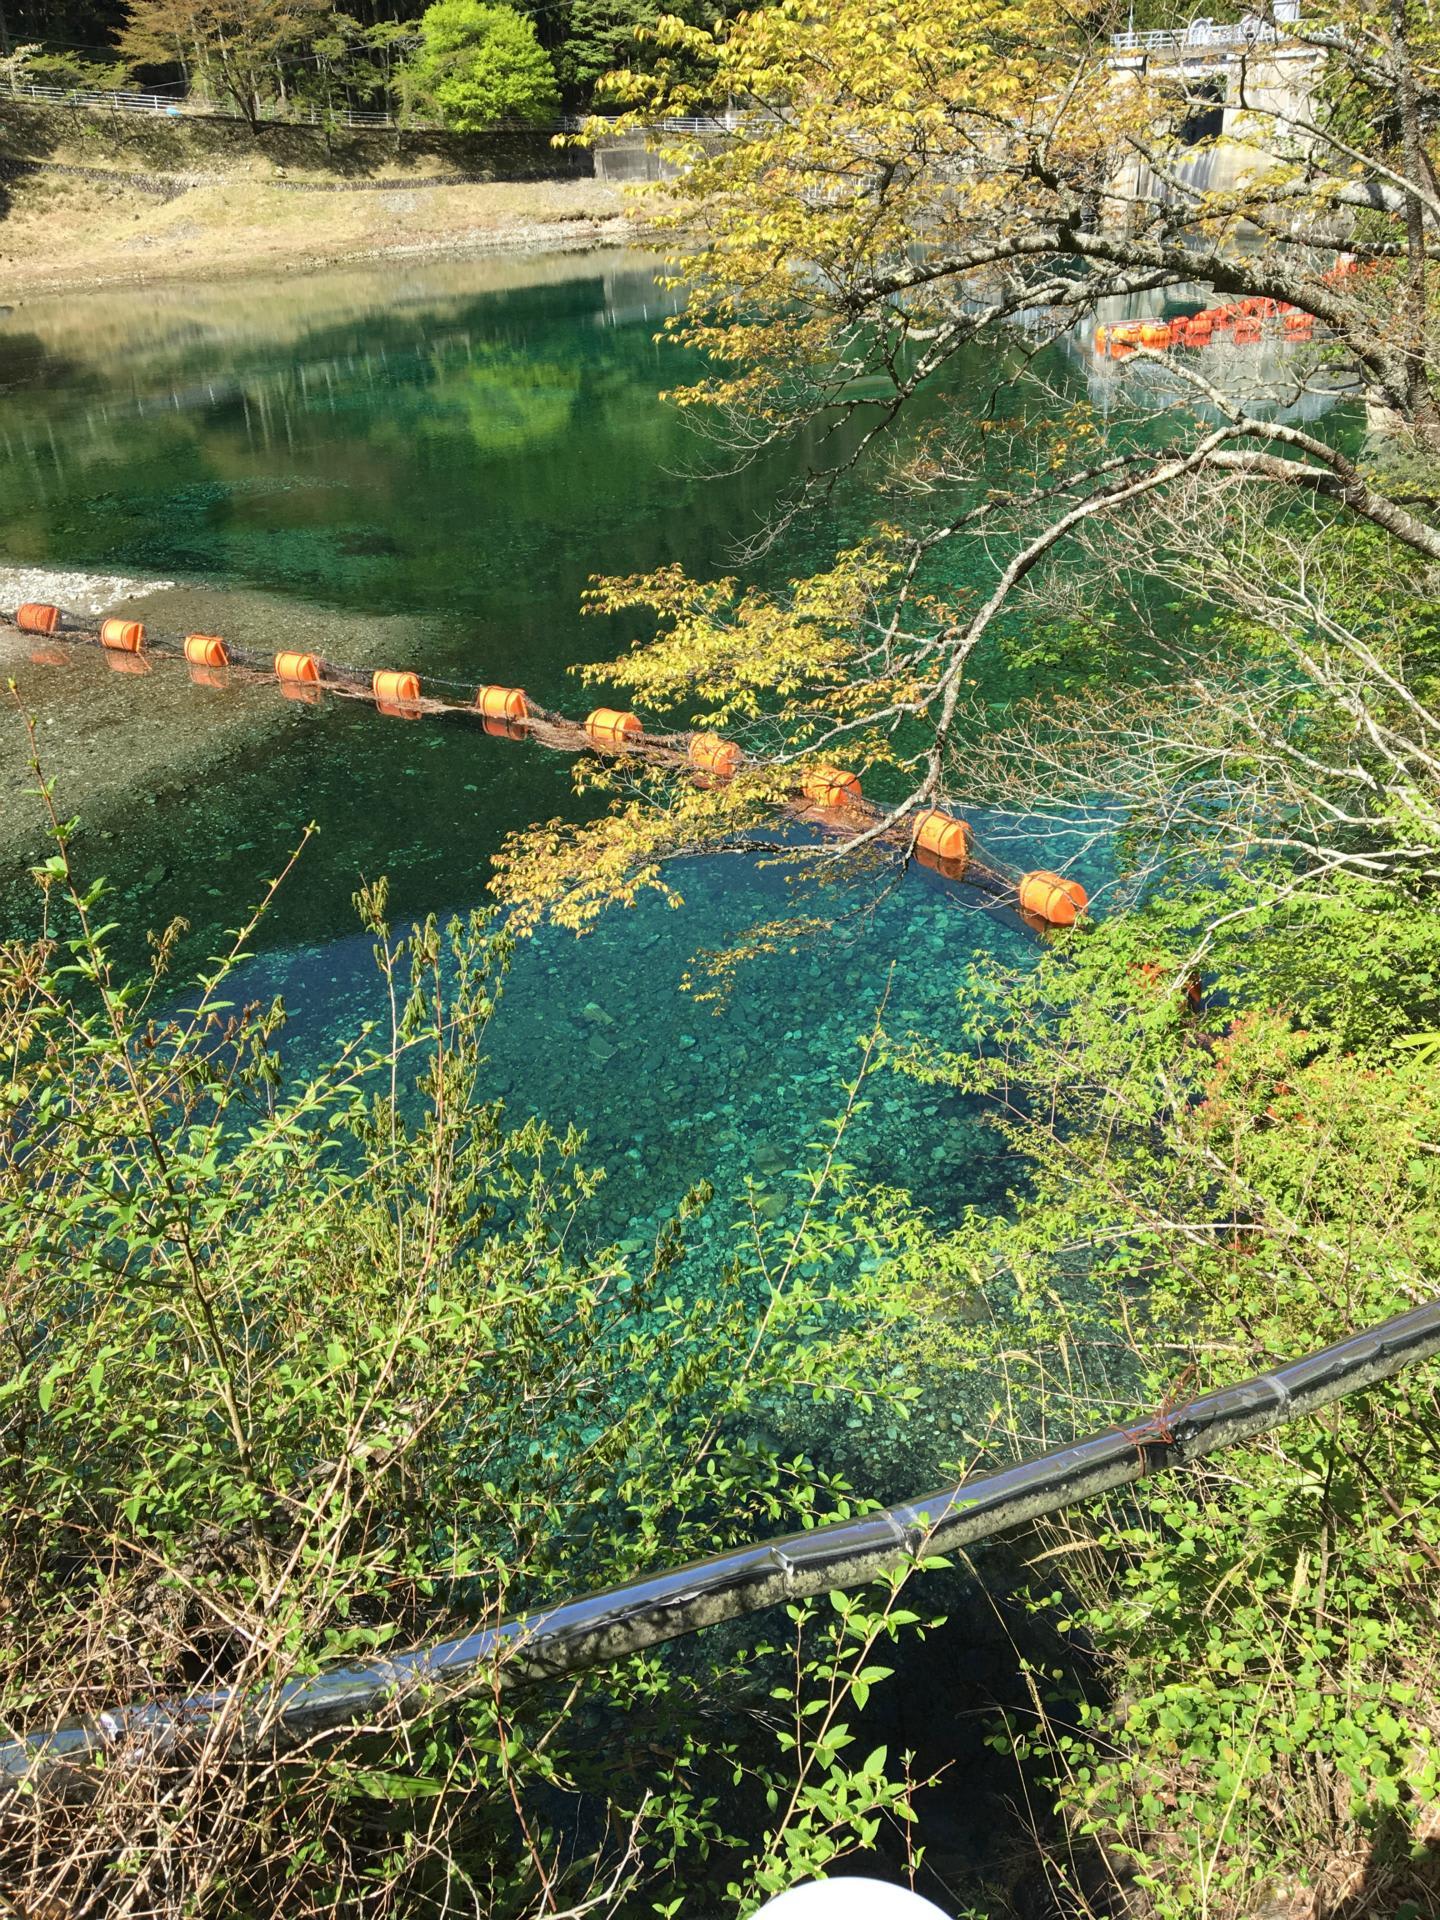 エメラルドグリーンのきれいな湖: 2016.4.26天川村奥地(緑橋付近)散策ブログ